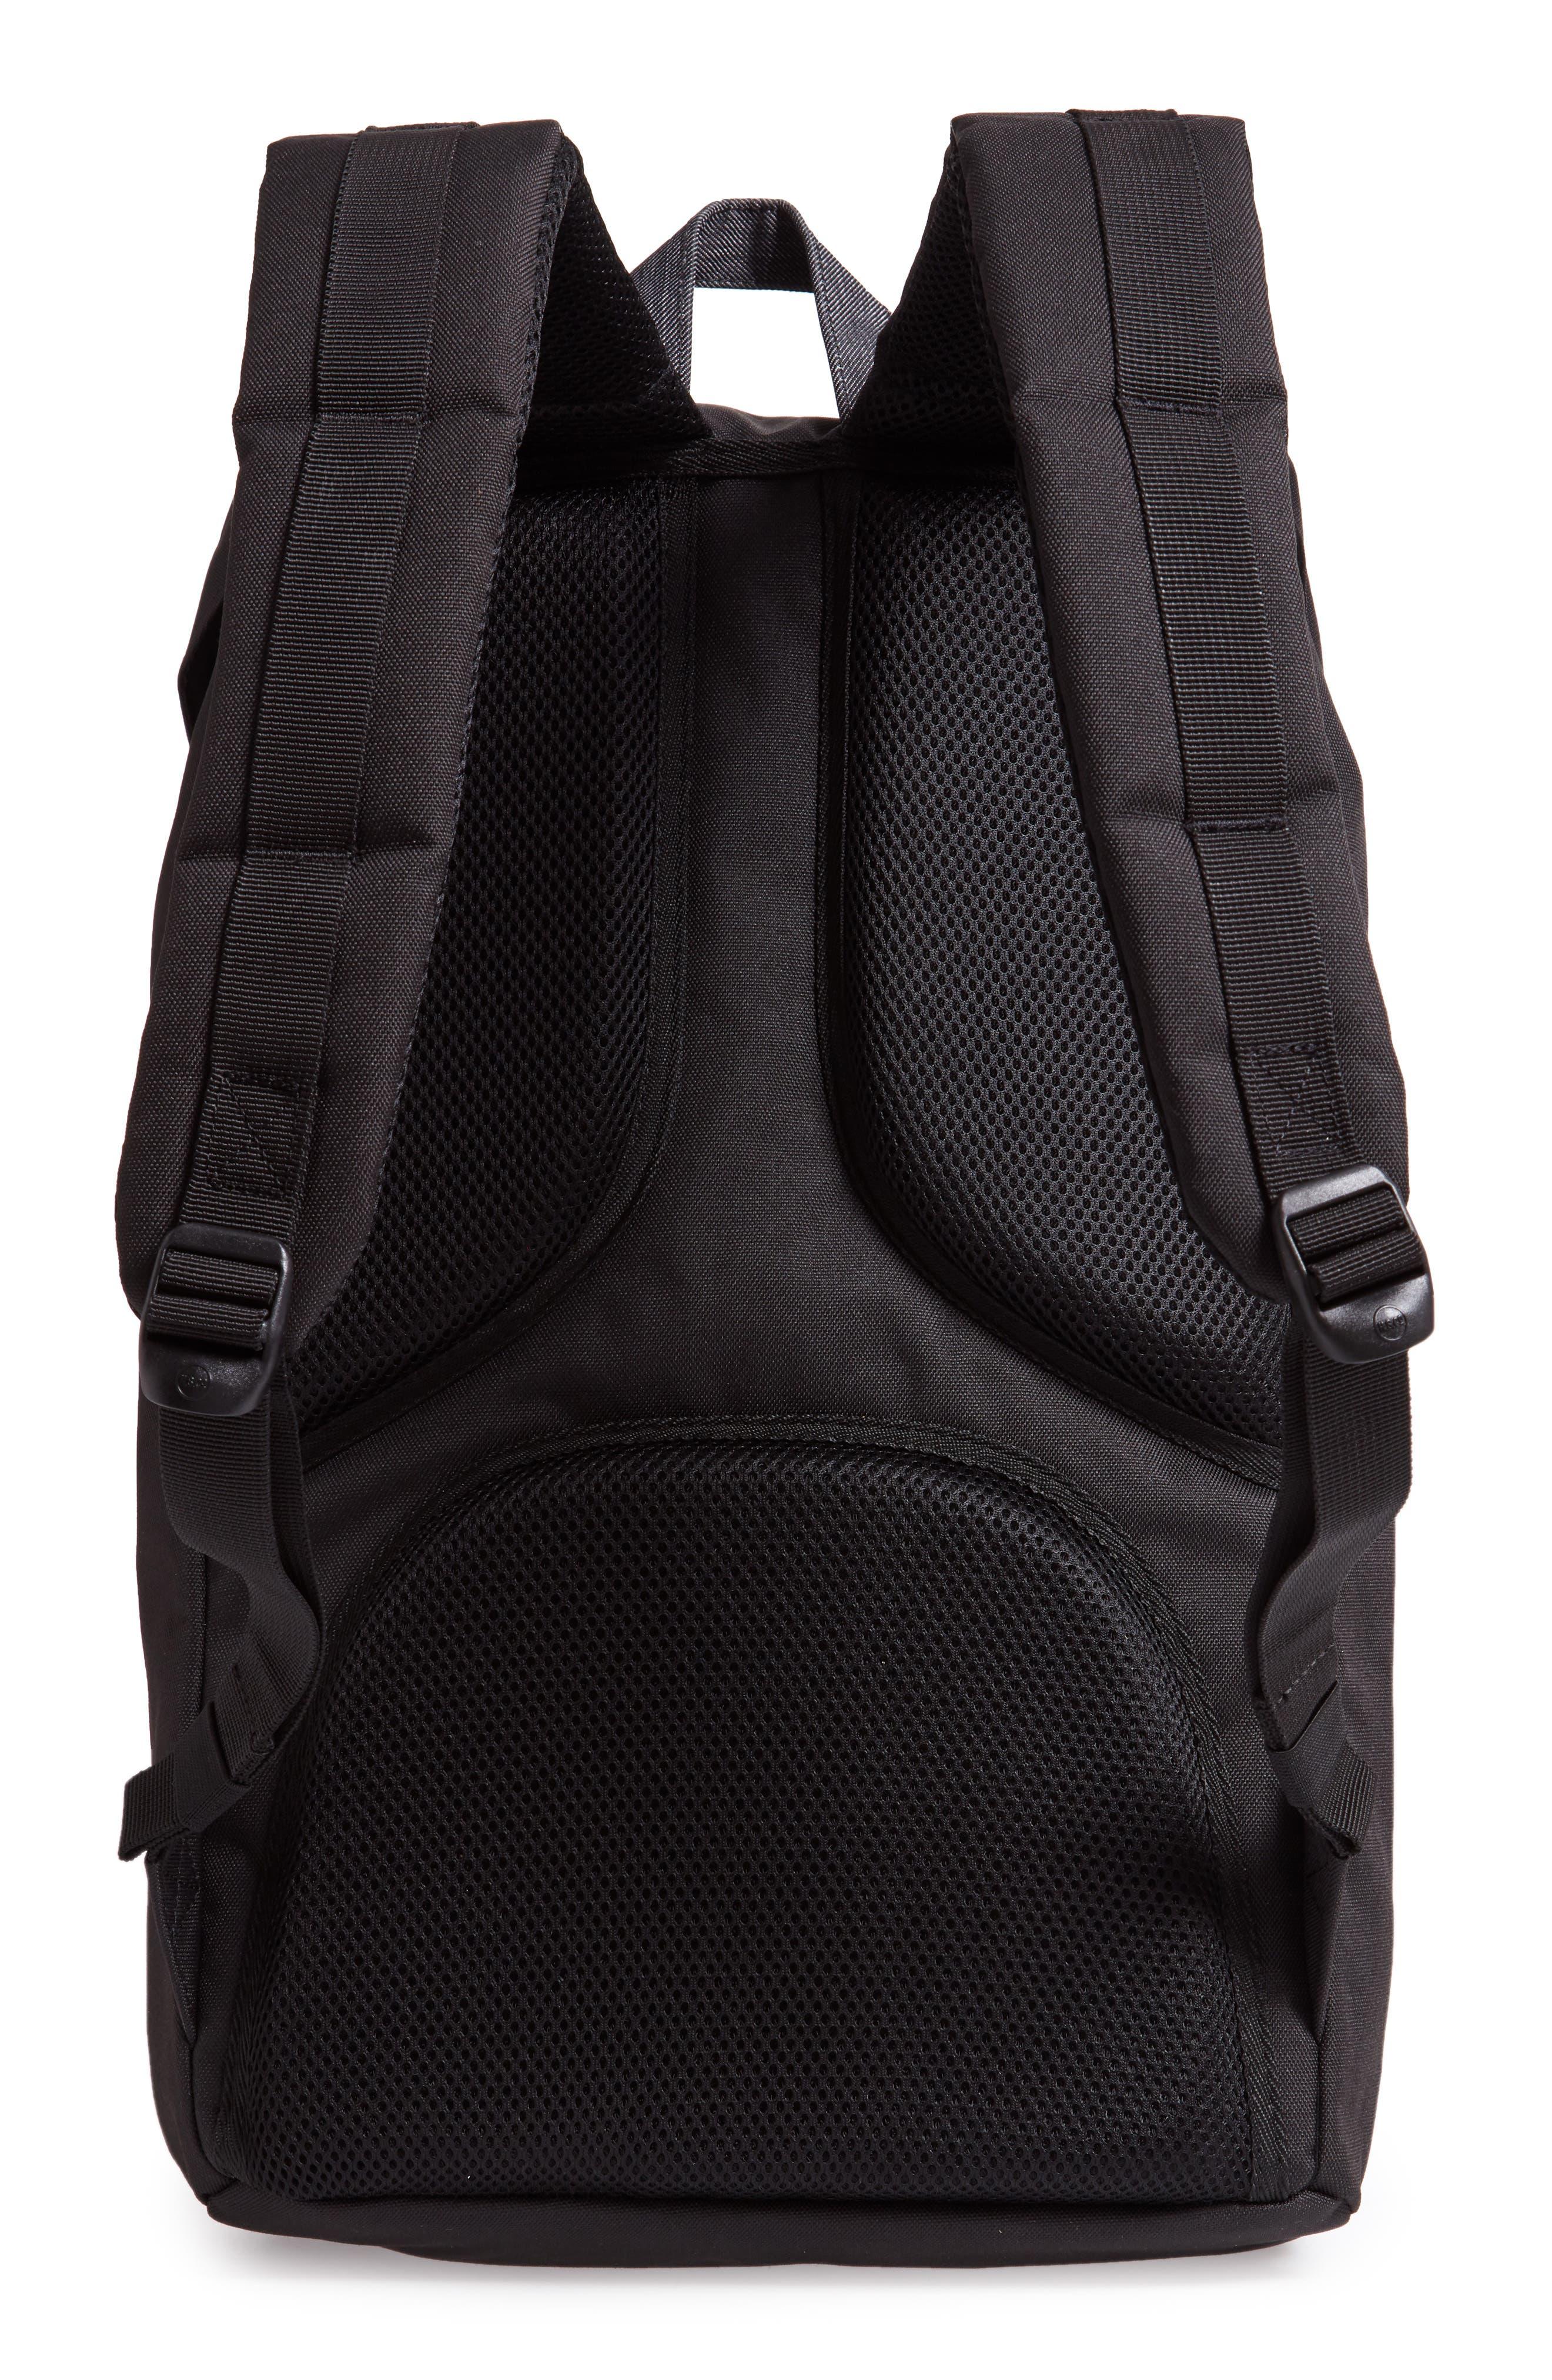 Little America Offset Backpack,                             Alternate thumbnail 3, color,                             BLACK/ BLACK DENIM